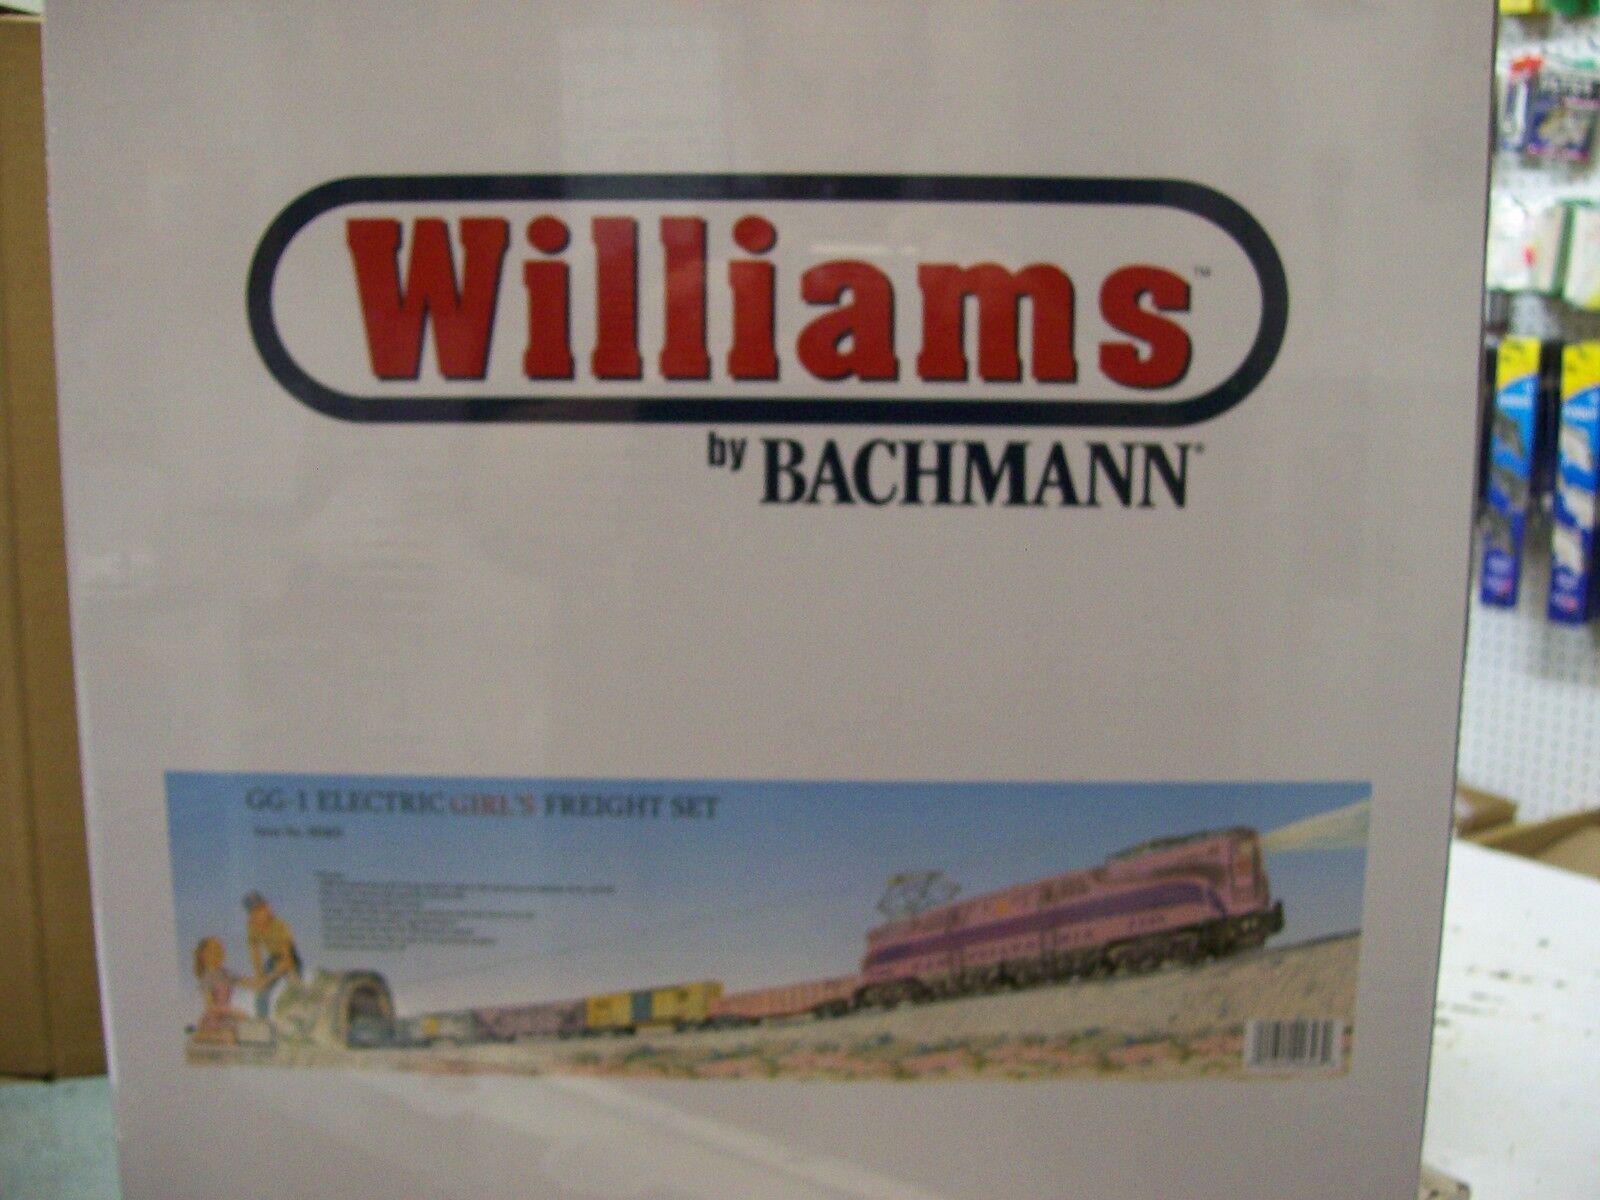 Williams GG1 Girls Freight Train Set Factory Sealed w  Shipping autoton Molto raro